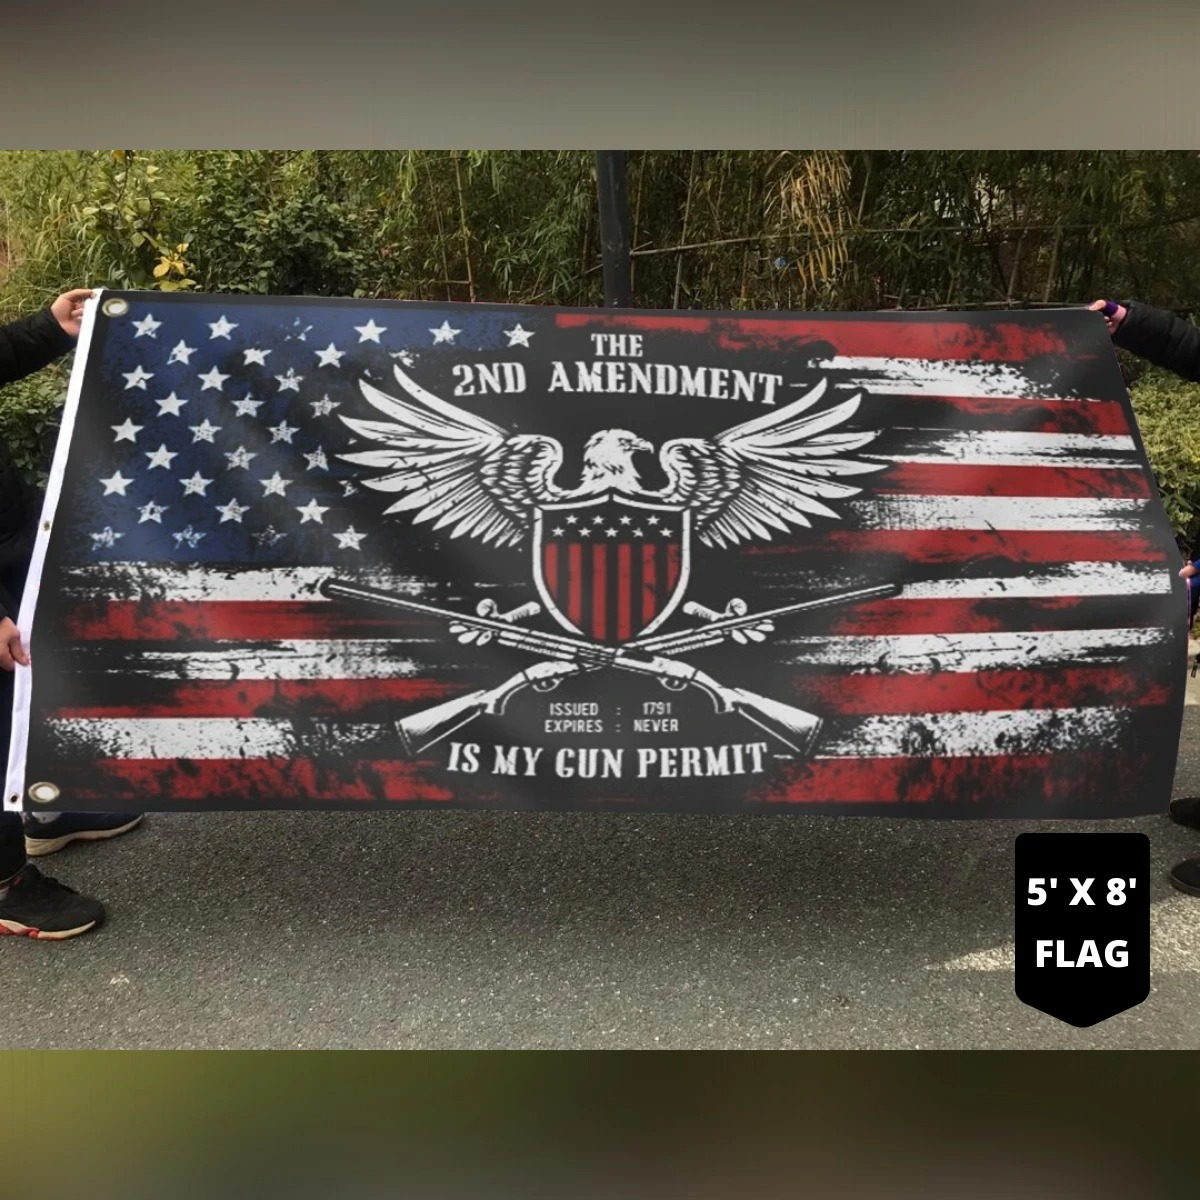 The 2ND amendment is my gun permit flag4